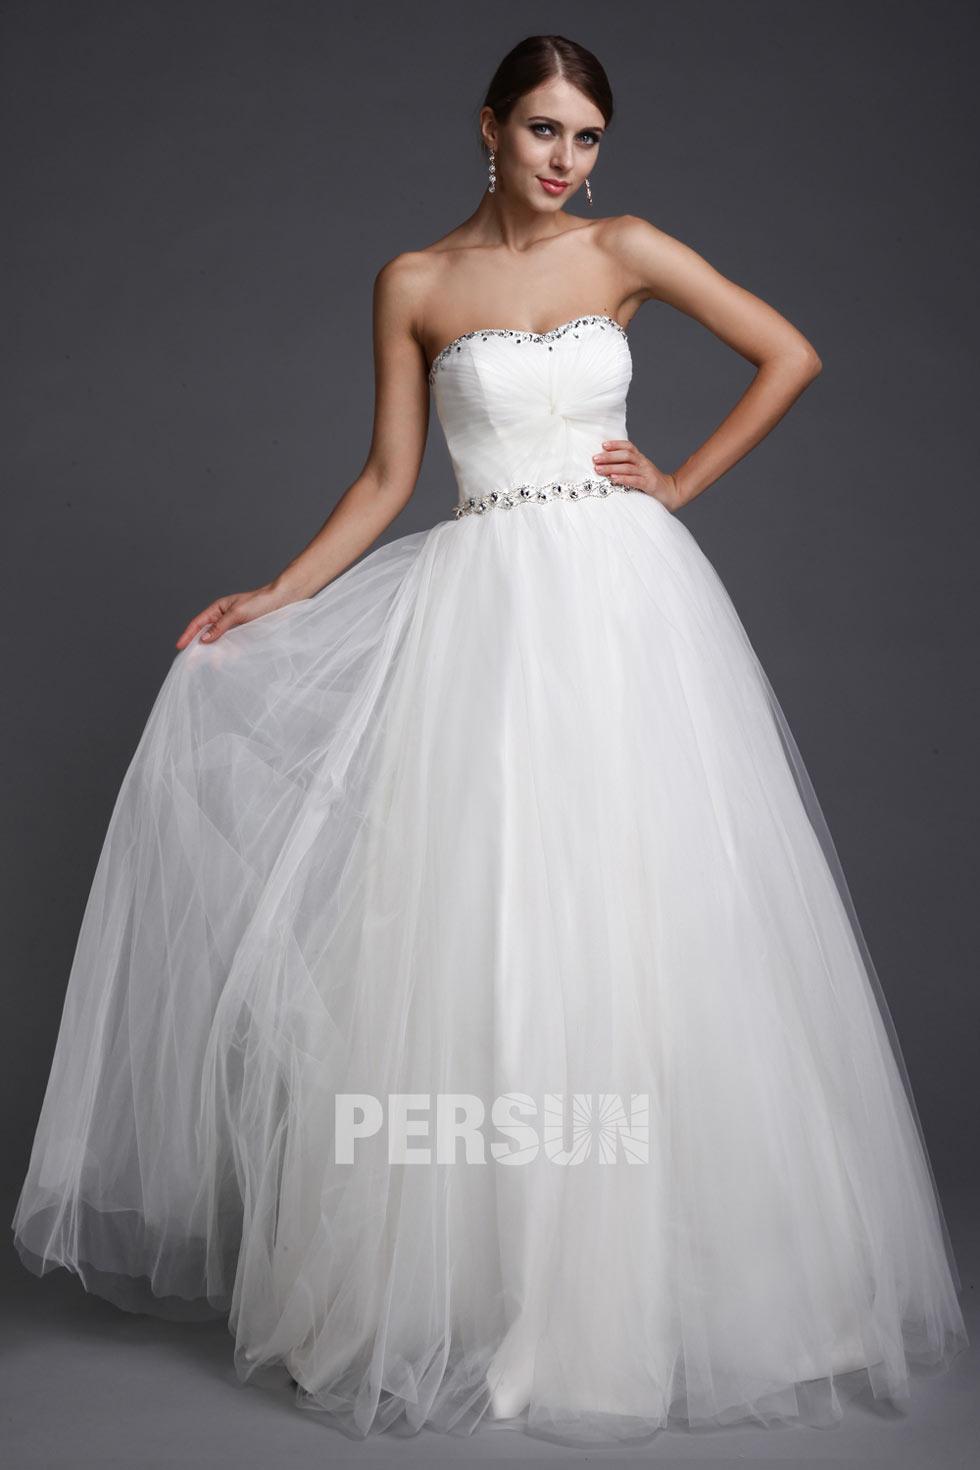 blanche robe simple sans bretelle pour mariage